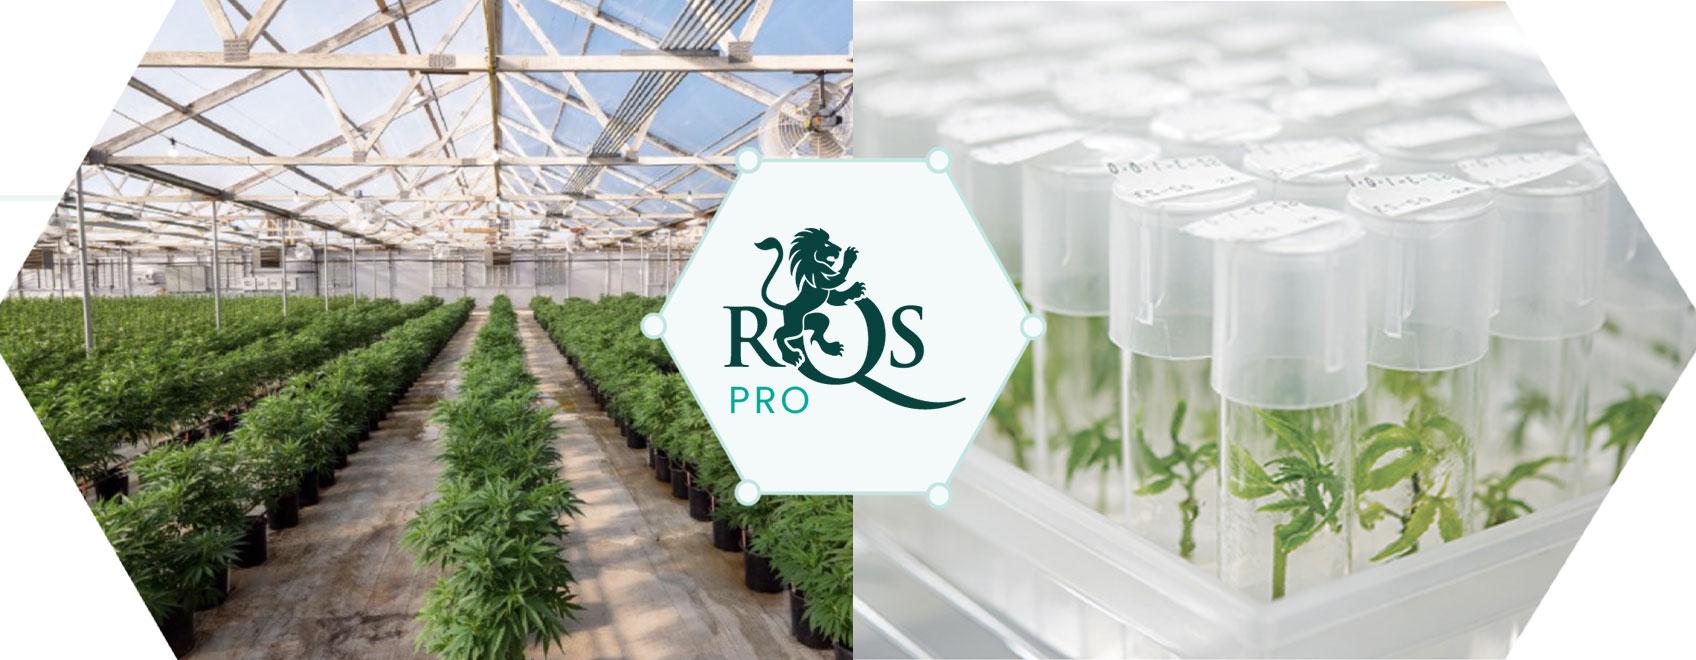 RQS Pro: liderant la innovació i el desenvolupament del cànnabis